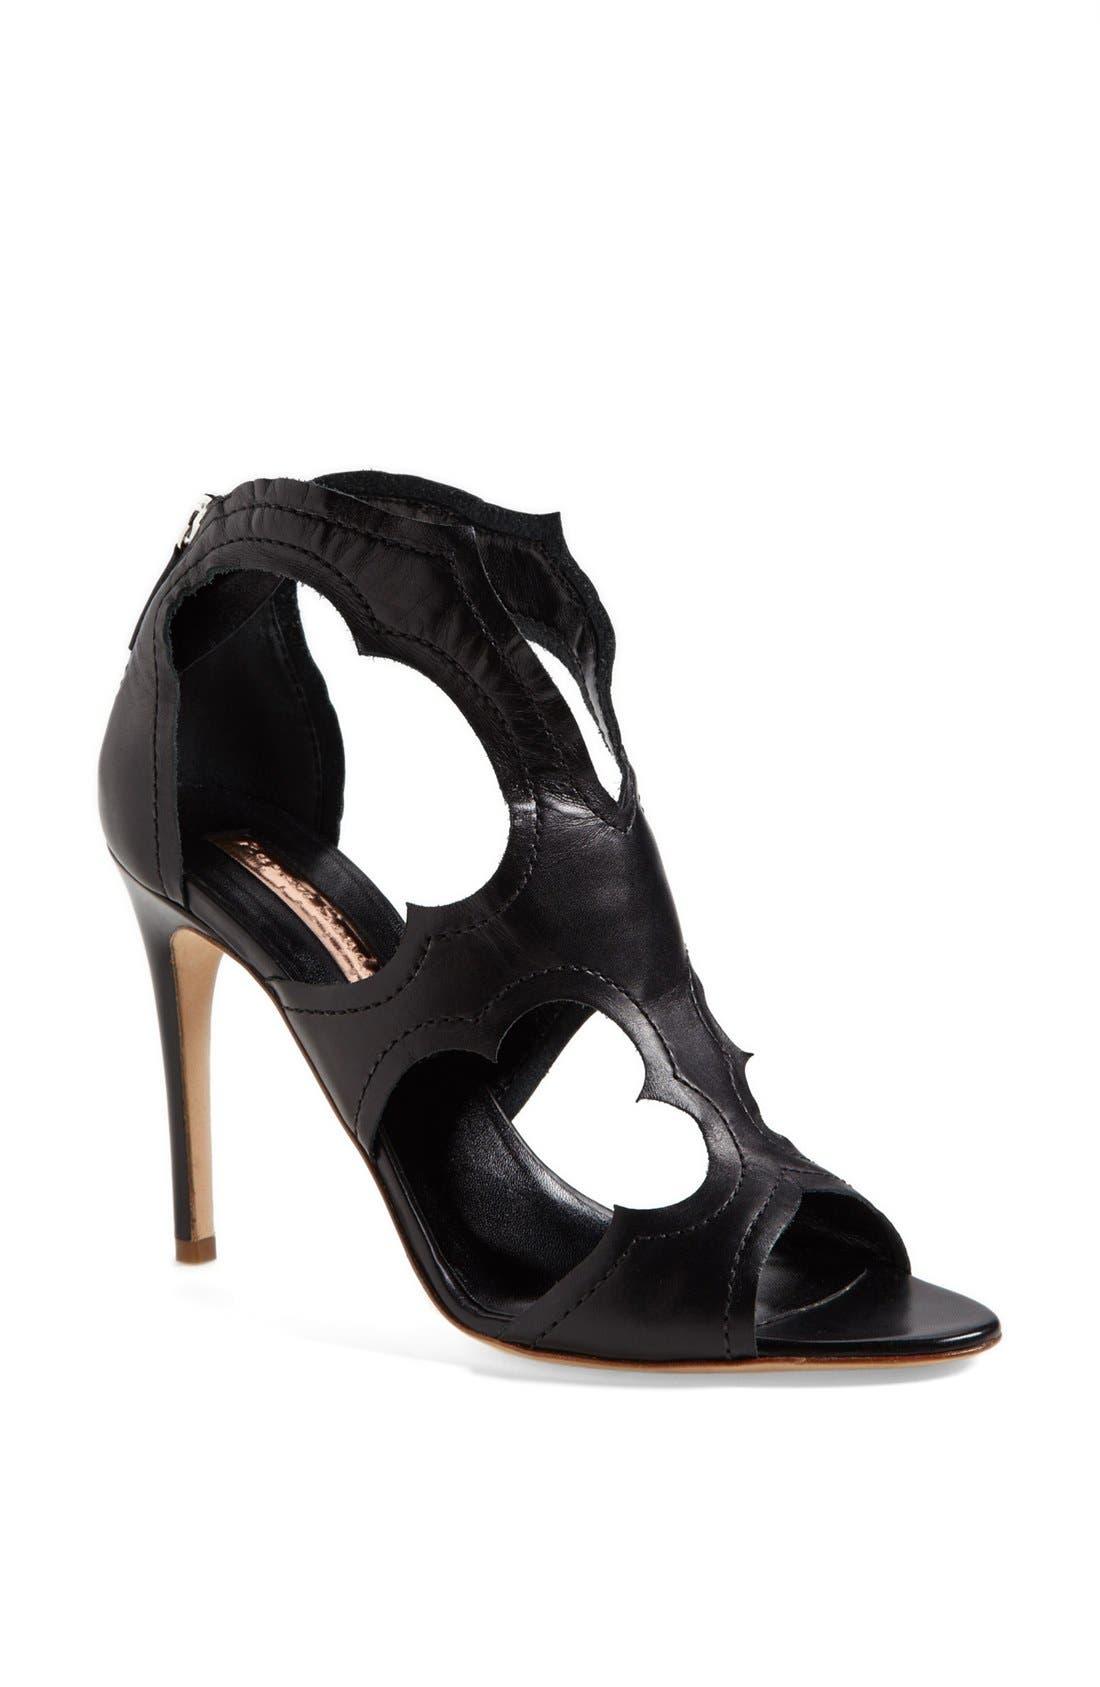 Alternate Image 1 Selected - Rupert Sanderson 'Estelle' Sandal